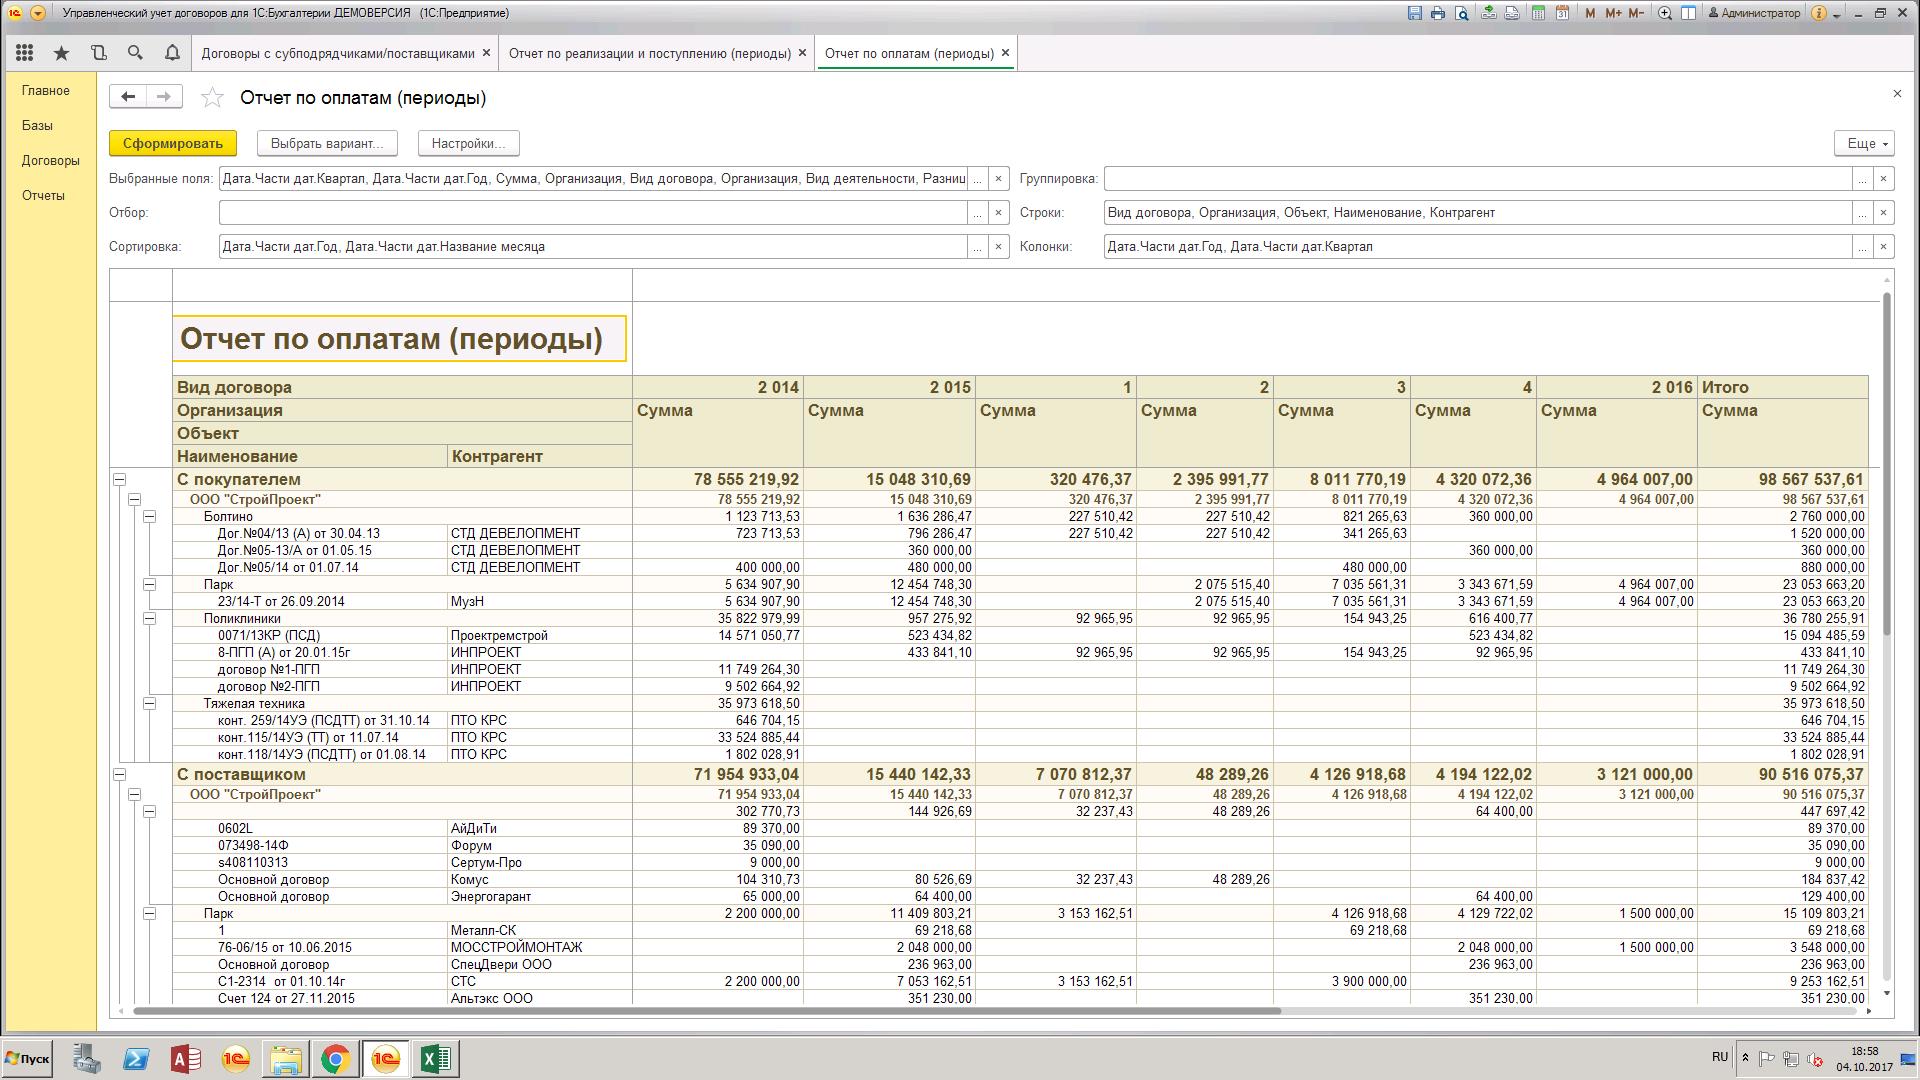 Отчет по оплатам периоды